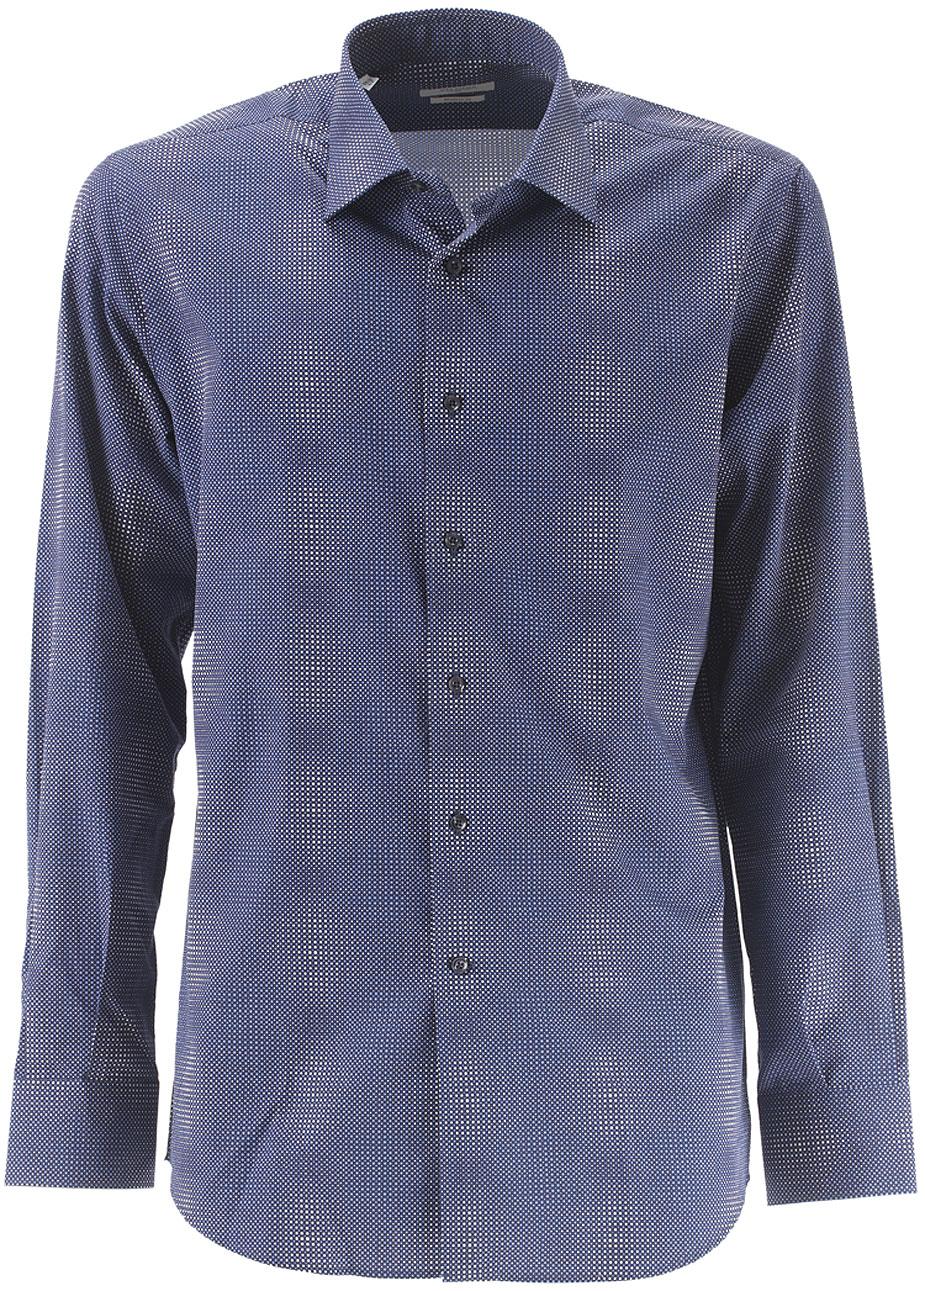 Abbigliamento Uomo Del Siena, Codice Articolo: tb84-780830-001